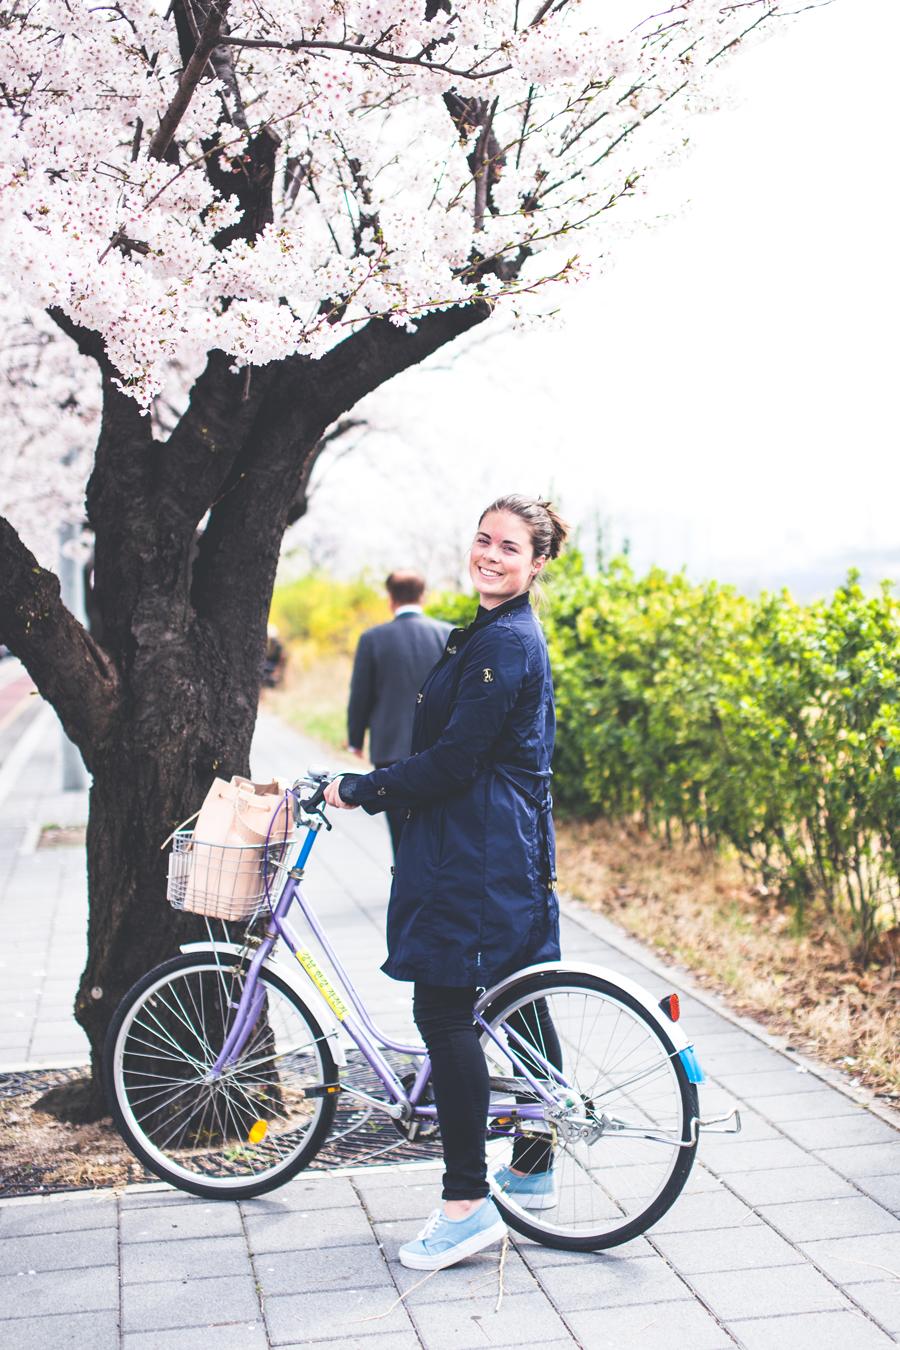 cherry-blossom-150405-22